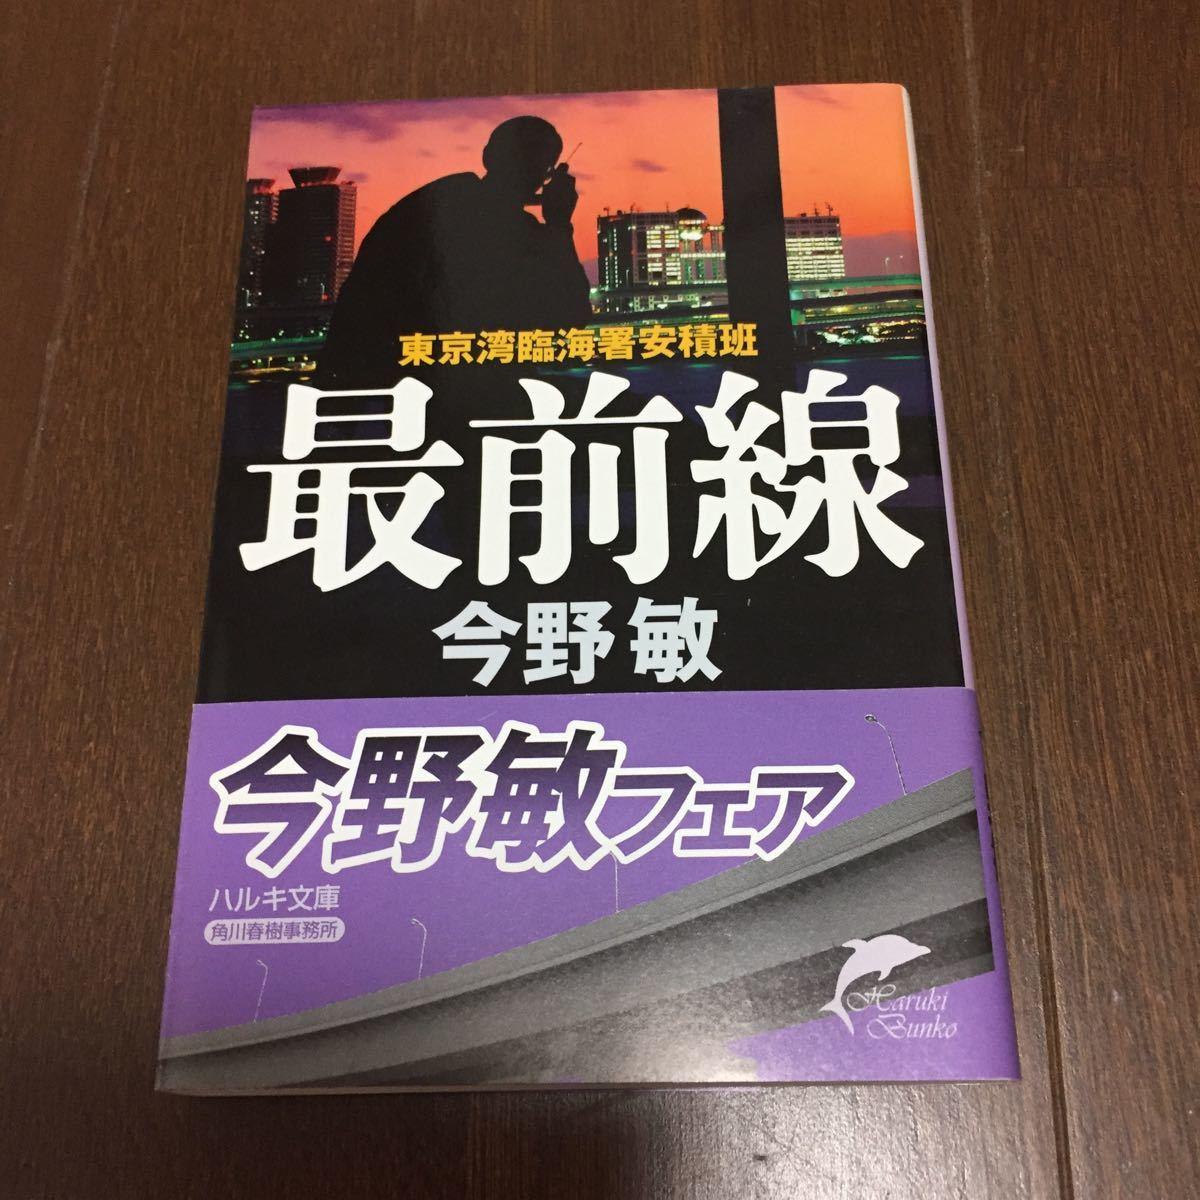 東京湾臨海署安積班 最前線/今野敏 著 - 角川春樹事務所